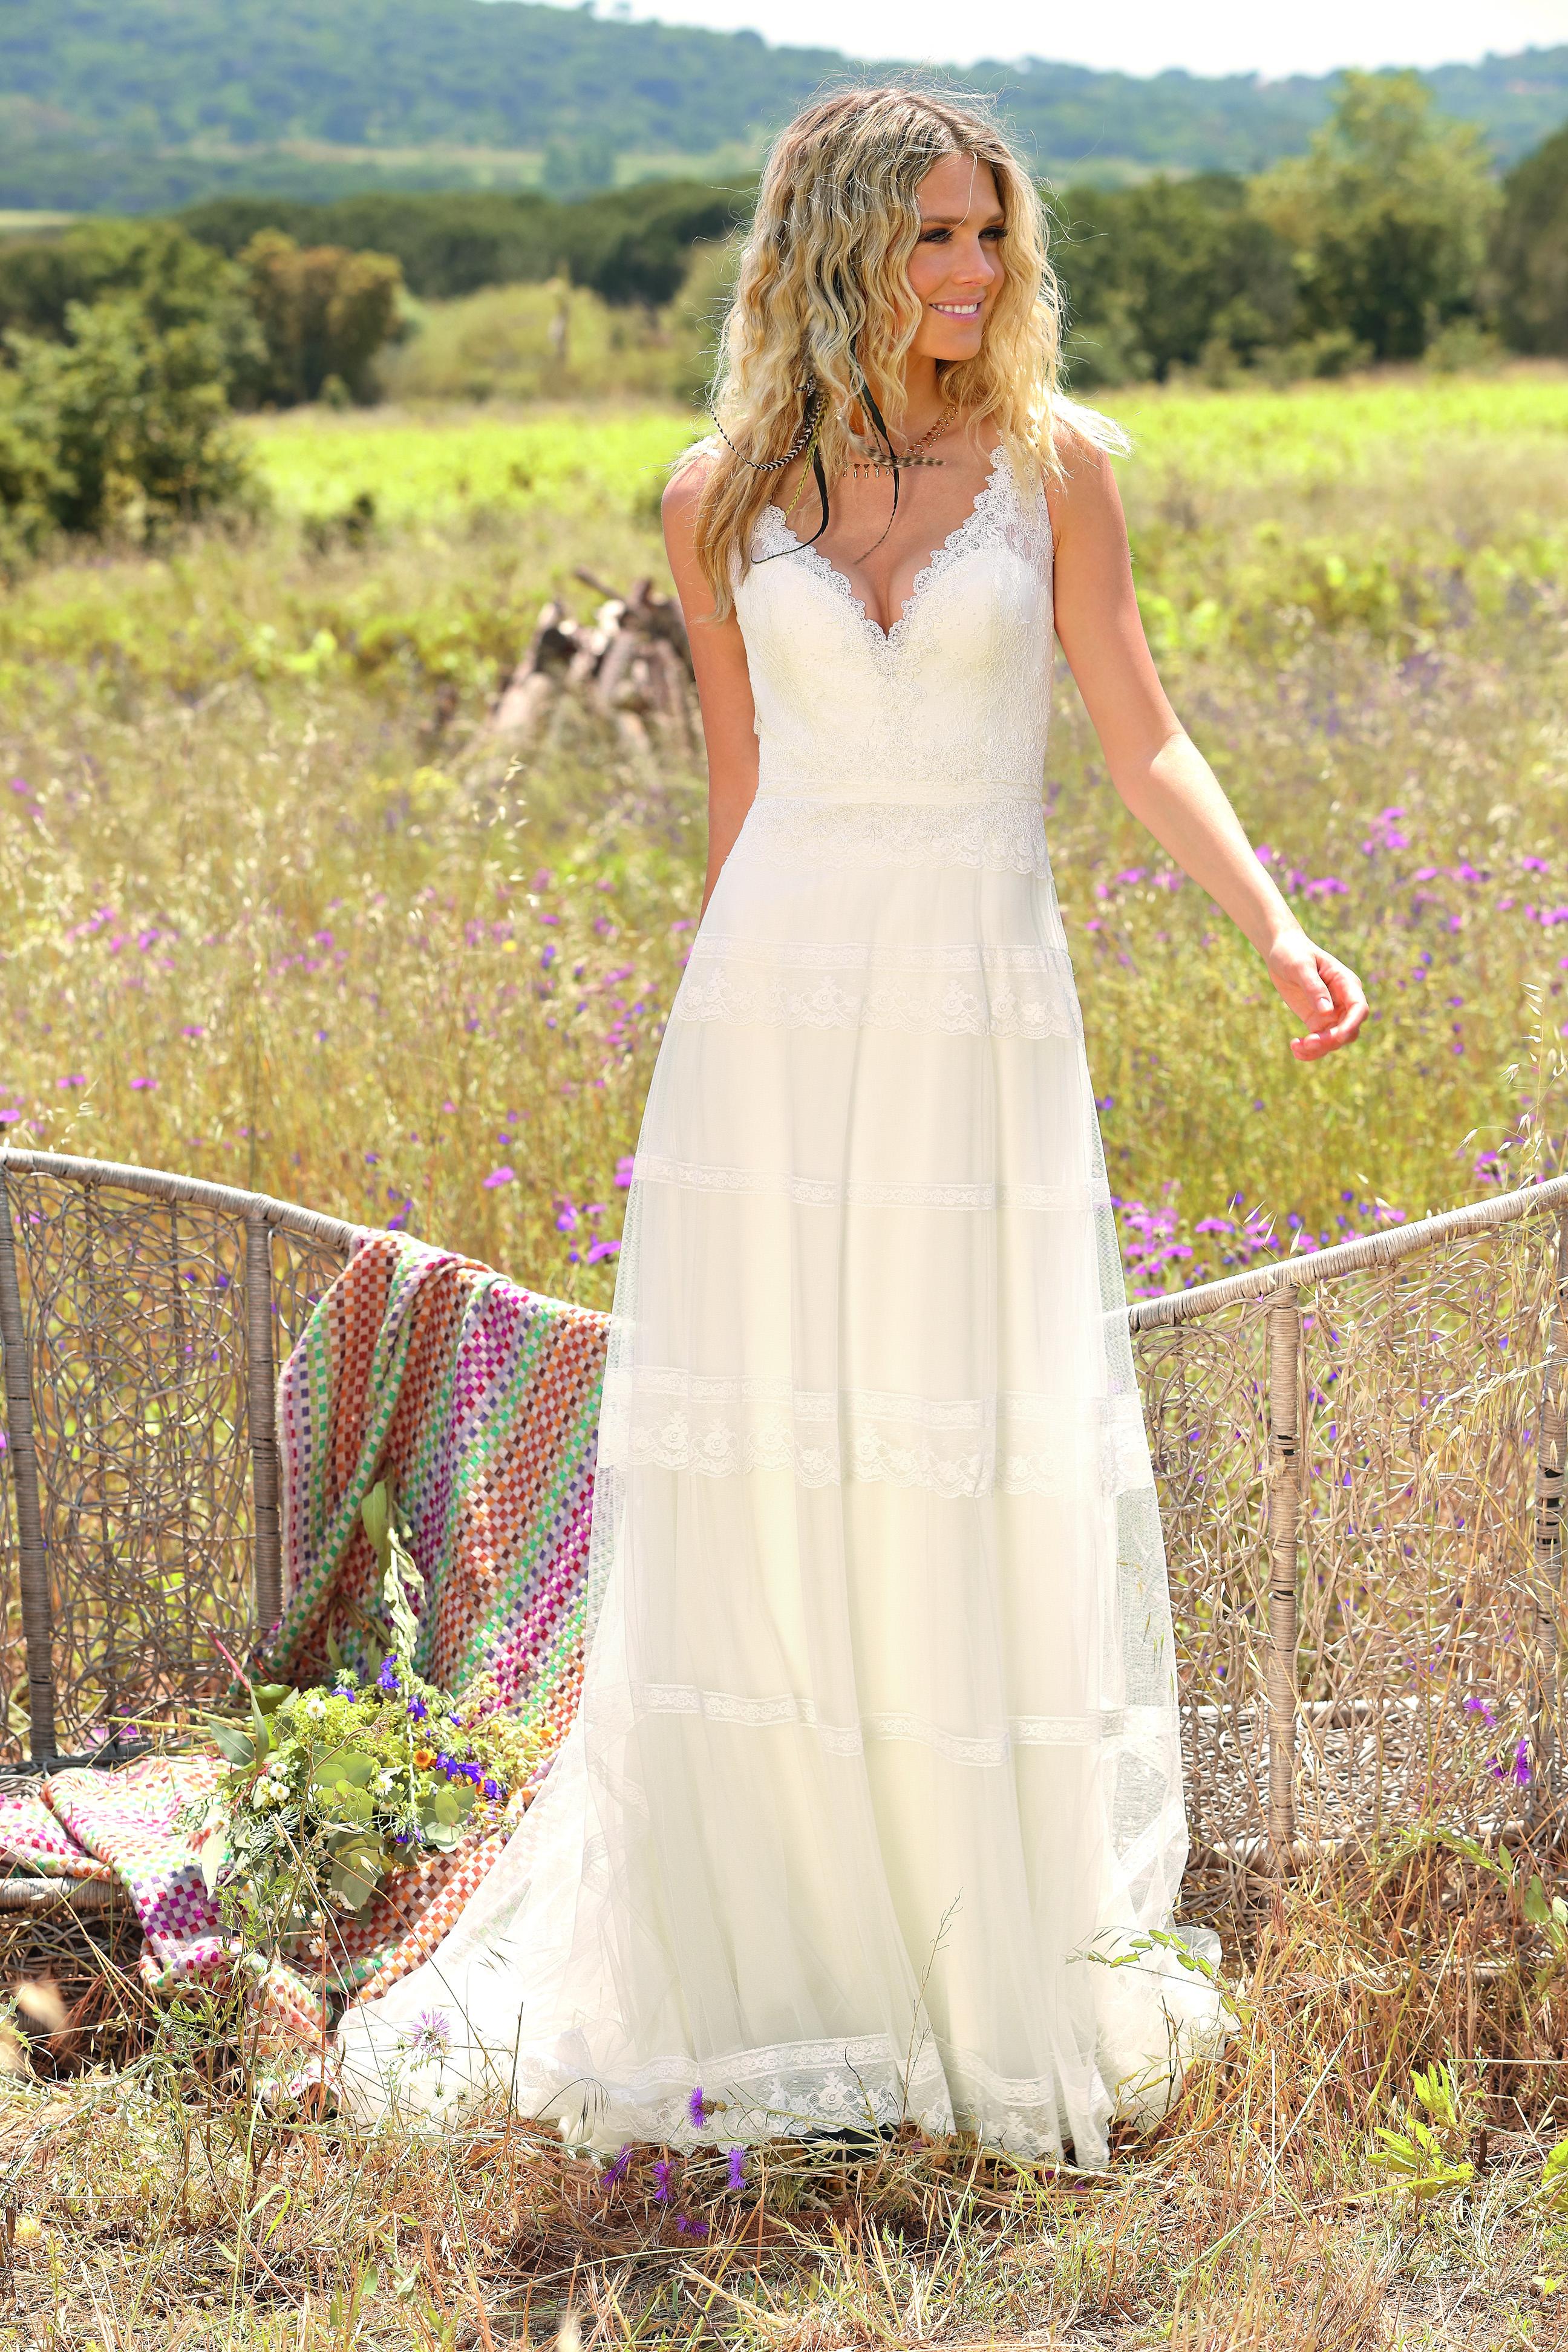 Hochzeitskleid Brautkleid Brautkleider Bohemian Stil Amberg Kaufen